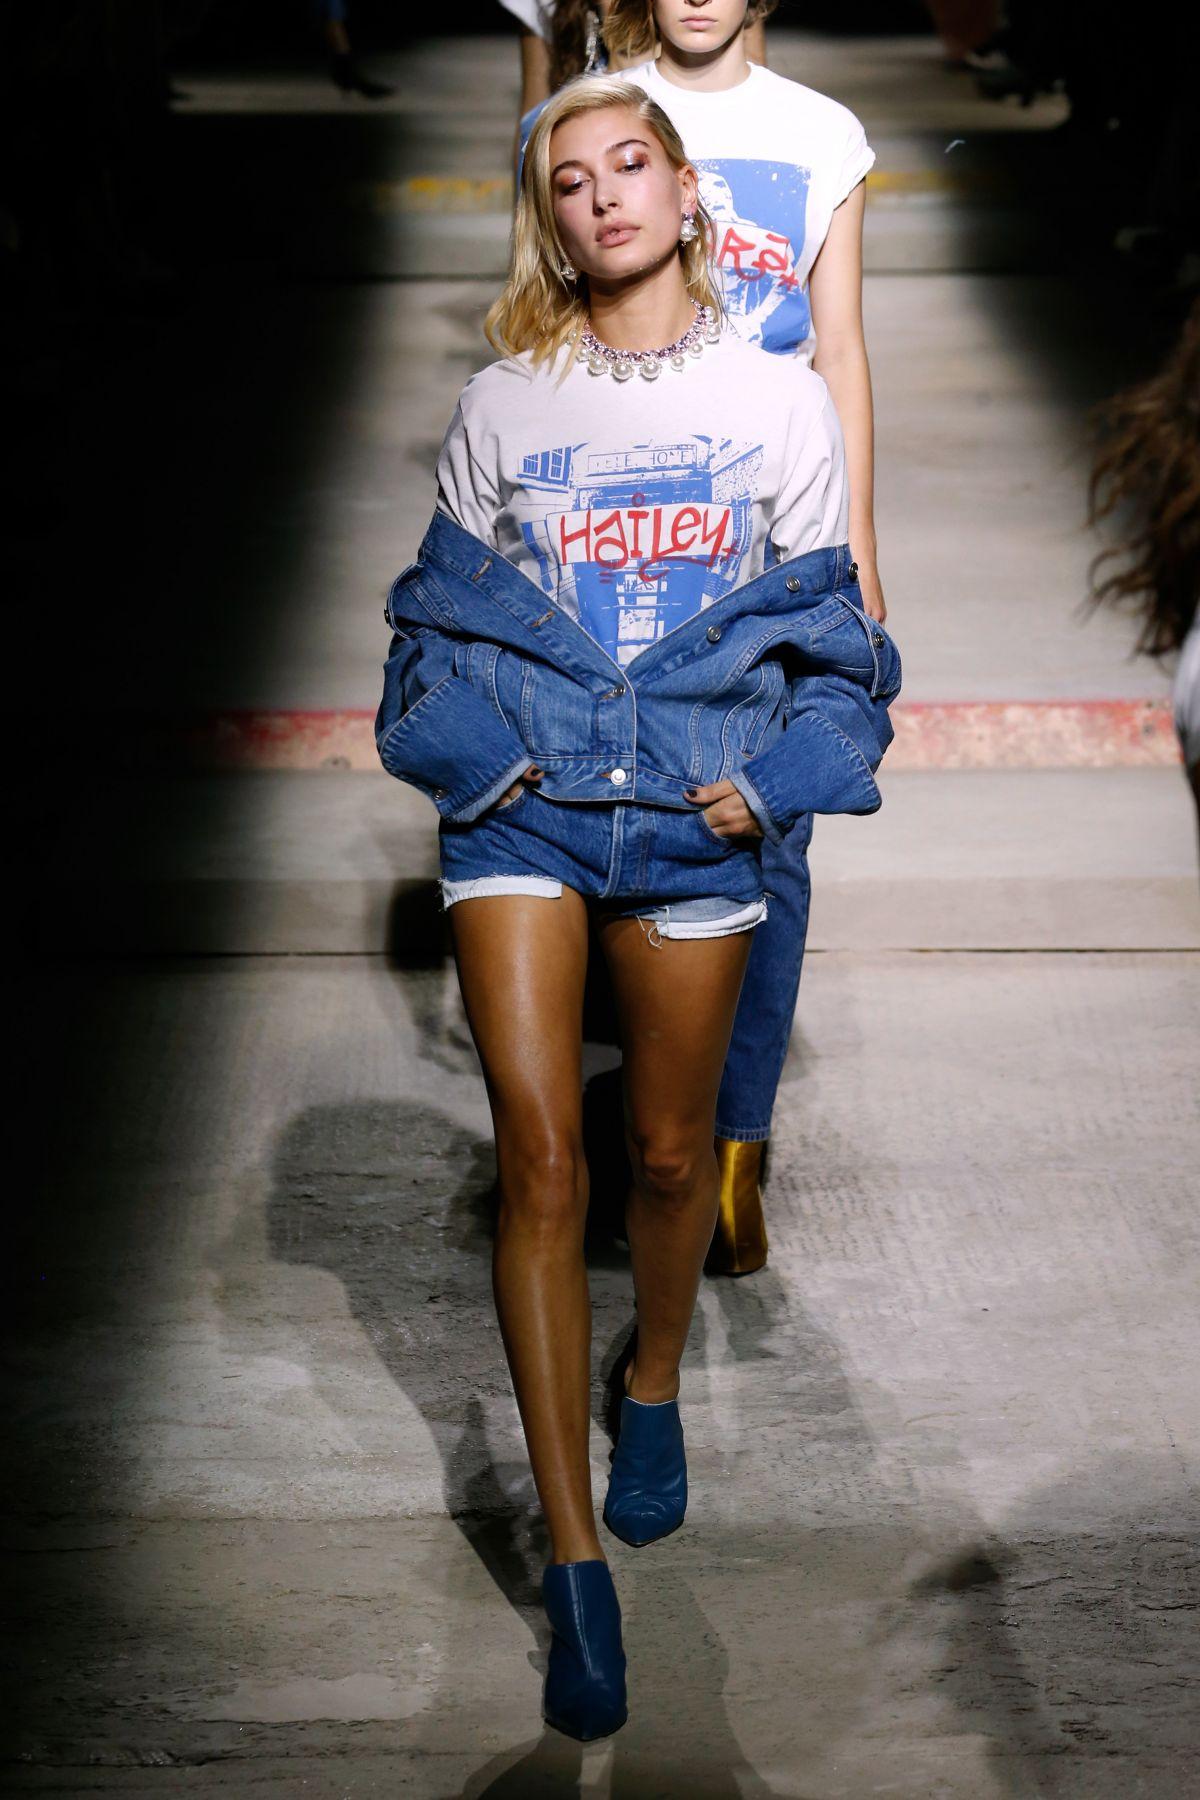 Hailey Baldwin At Topshop Fashion Show London